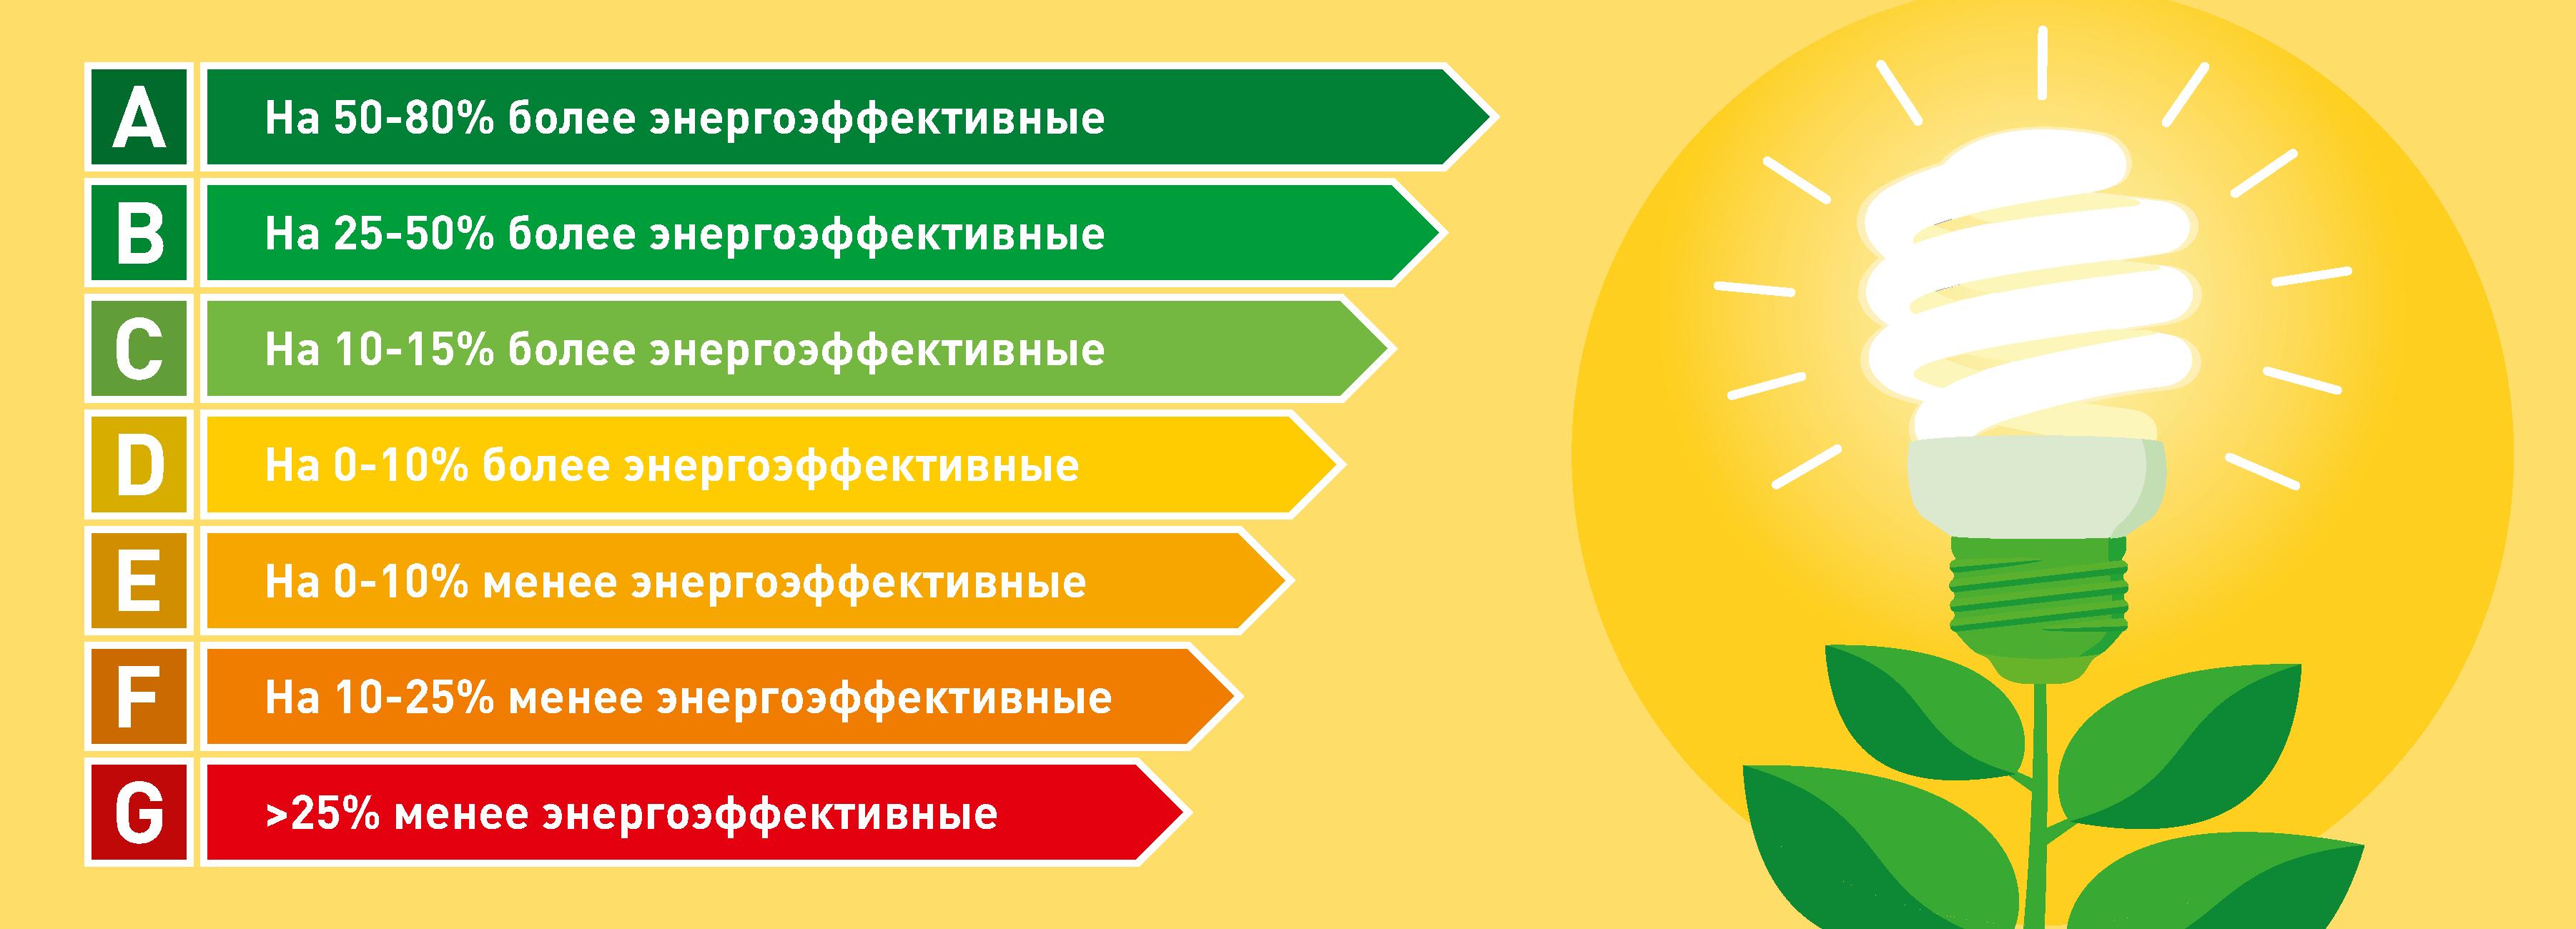 Сколько электричества потребляется в месяц